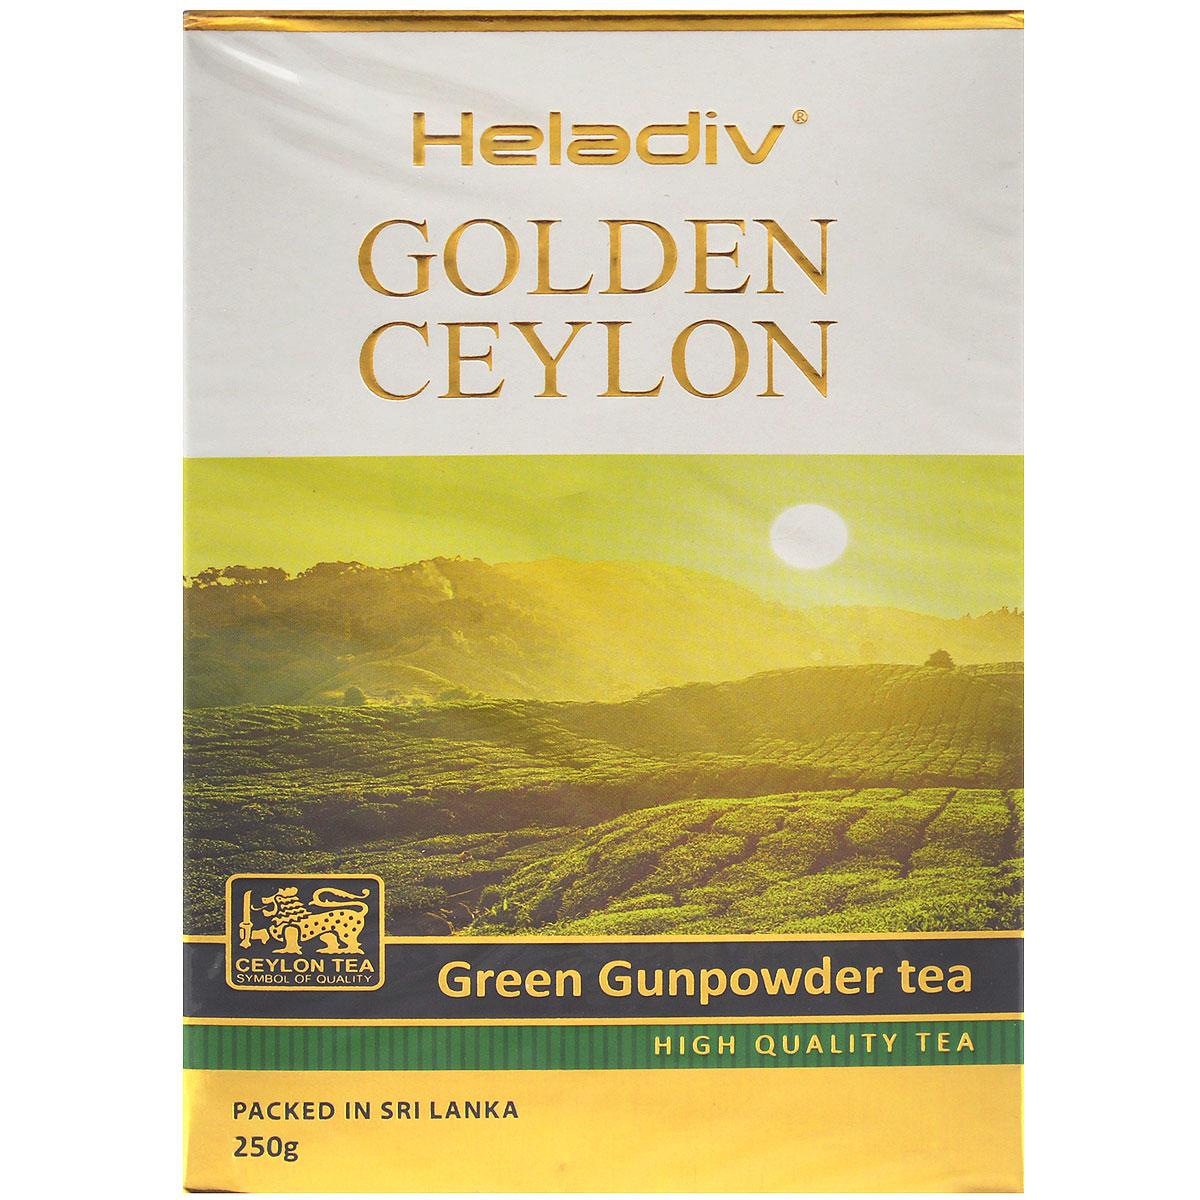 Heladiv Golden Ceylon Green Gunpowder зеленый листовой чай, 250 г4791007010678Heladiv Golden Ceylon Green Gunpowder - зеленый крупнолистовой чай высшей категории с насыщенным терпким вкусом и изысканным ароматом. Мягкий золотистый настой напитка помогает расслабиться и почувствовать умиротворение после длинного насыщенного дня. Green Gunpowder прекрасно тонизирует, содержит множество полезных минералов и витаминов. Отличный помощник для тех, кто следит за своим здоровьем и фигурой.